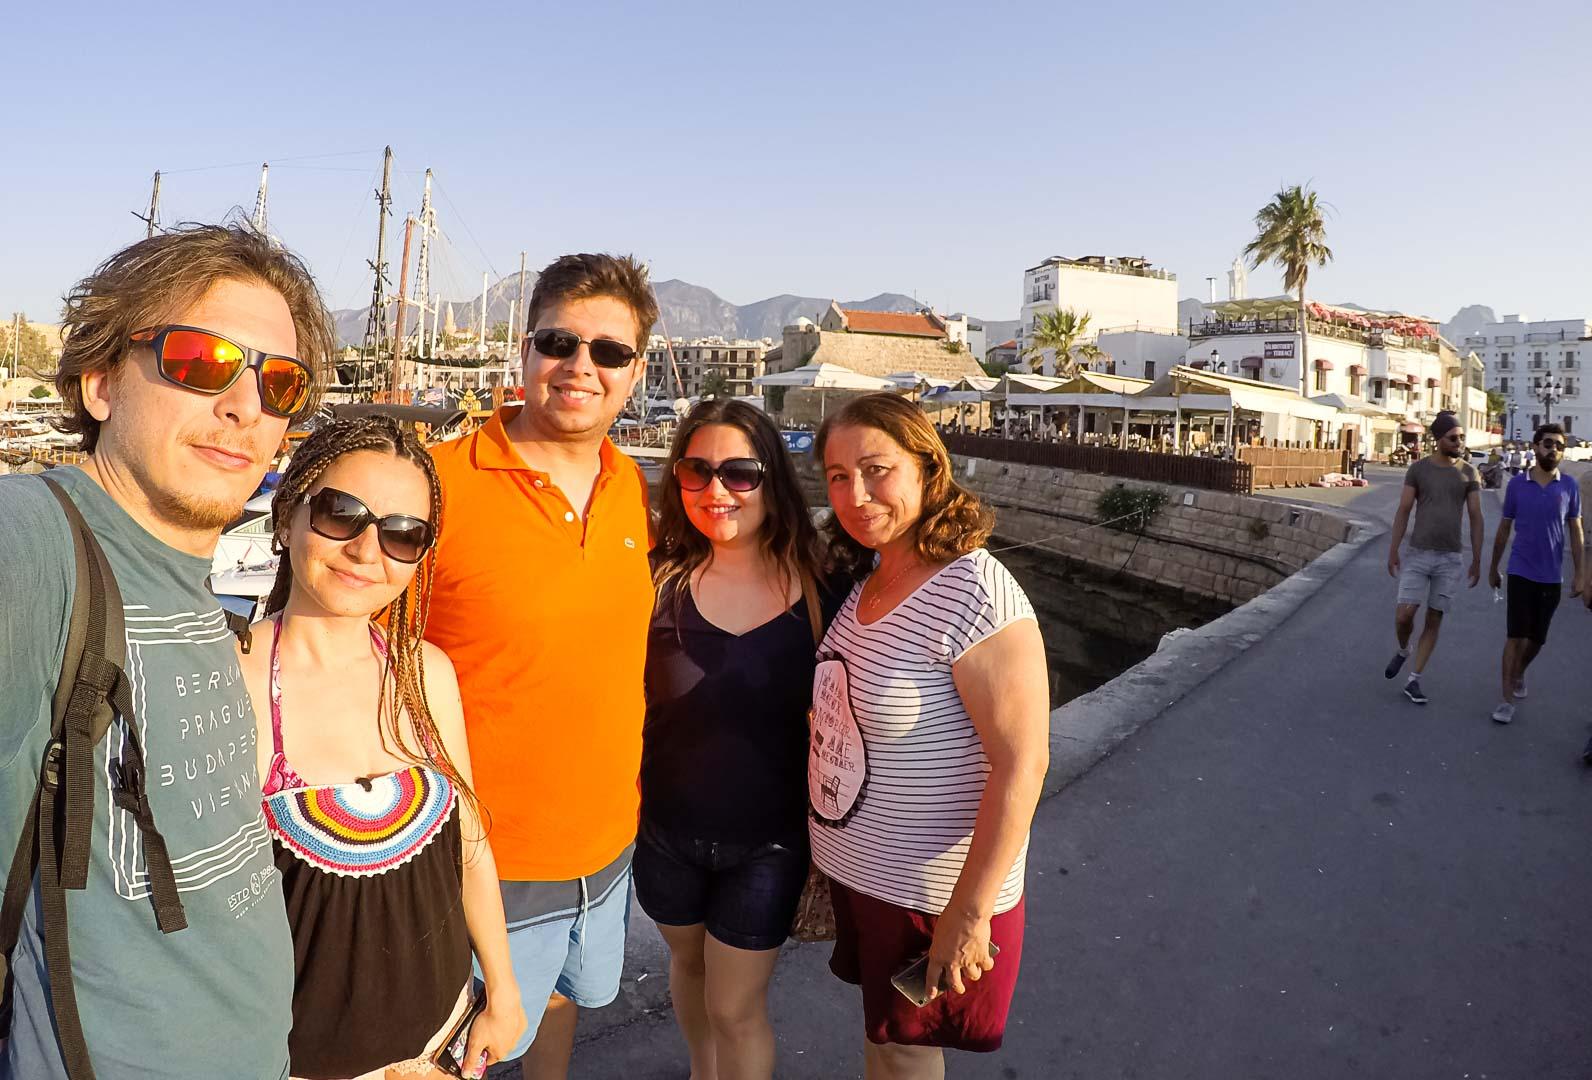 Kuzey Kıbrıs - Girne Limanı -turist